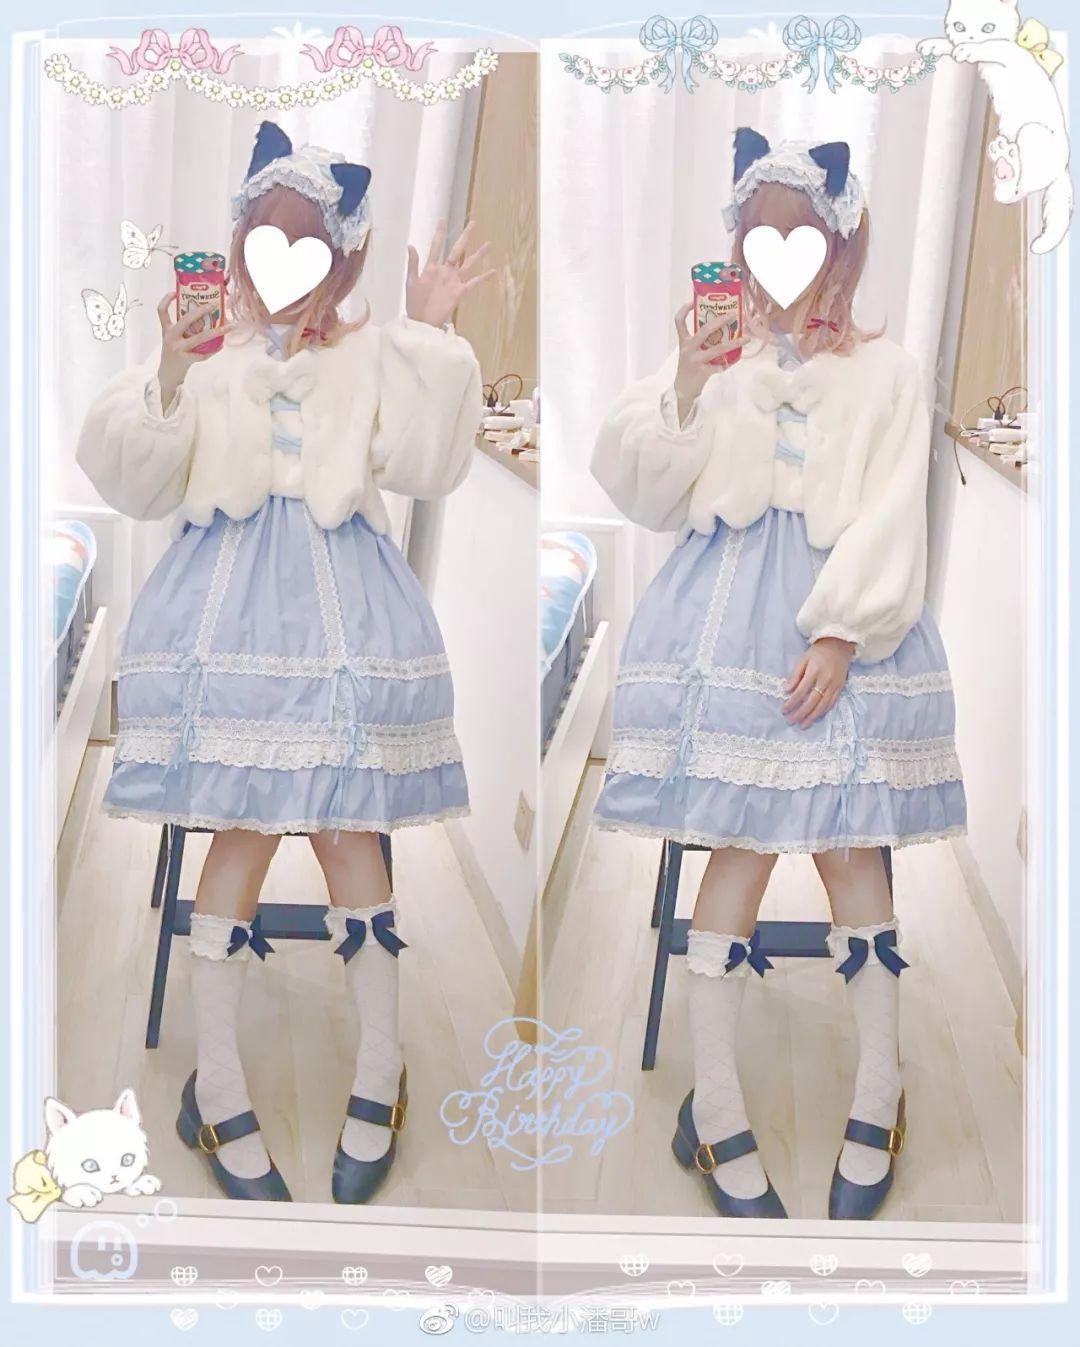 妹子摄影 – Lolita猫耳娘少女,精致的小公主_图片 No.9